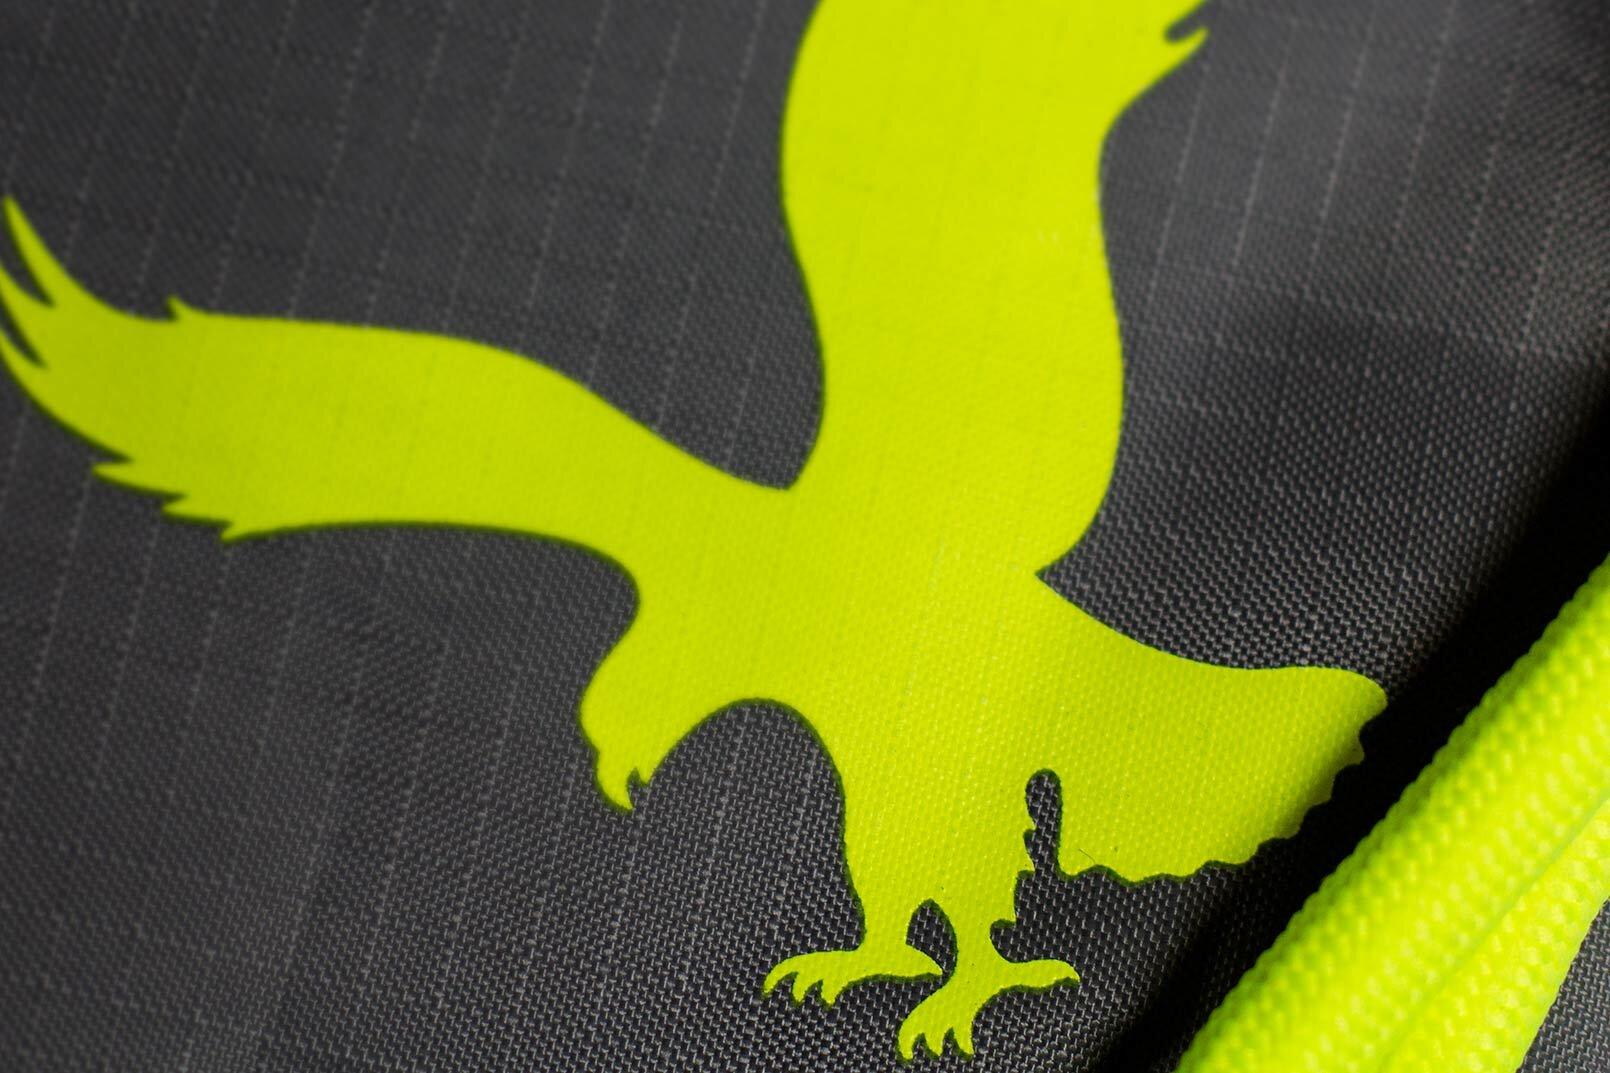 美国鹰袋 - 小袋设计 - 包装公司-2.jpg